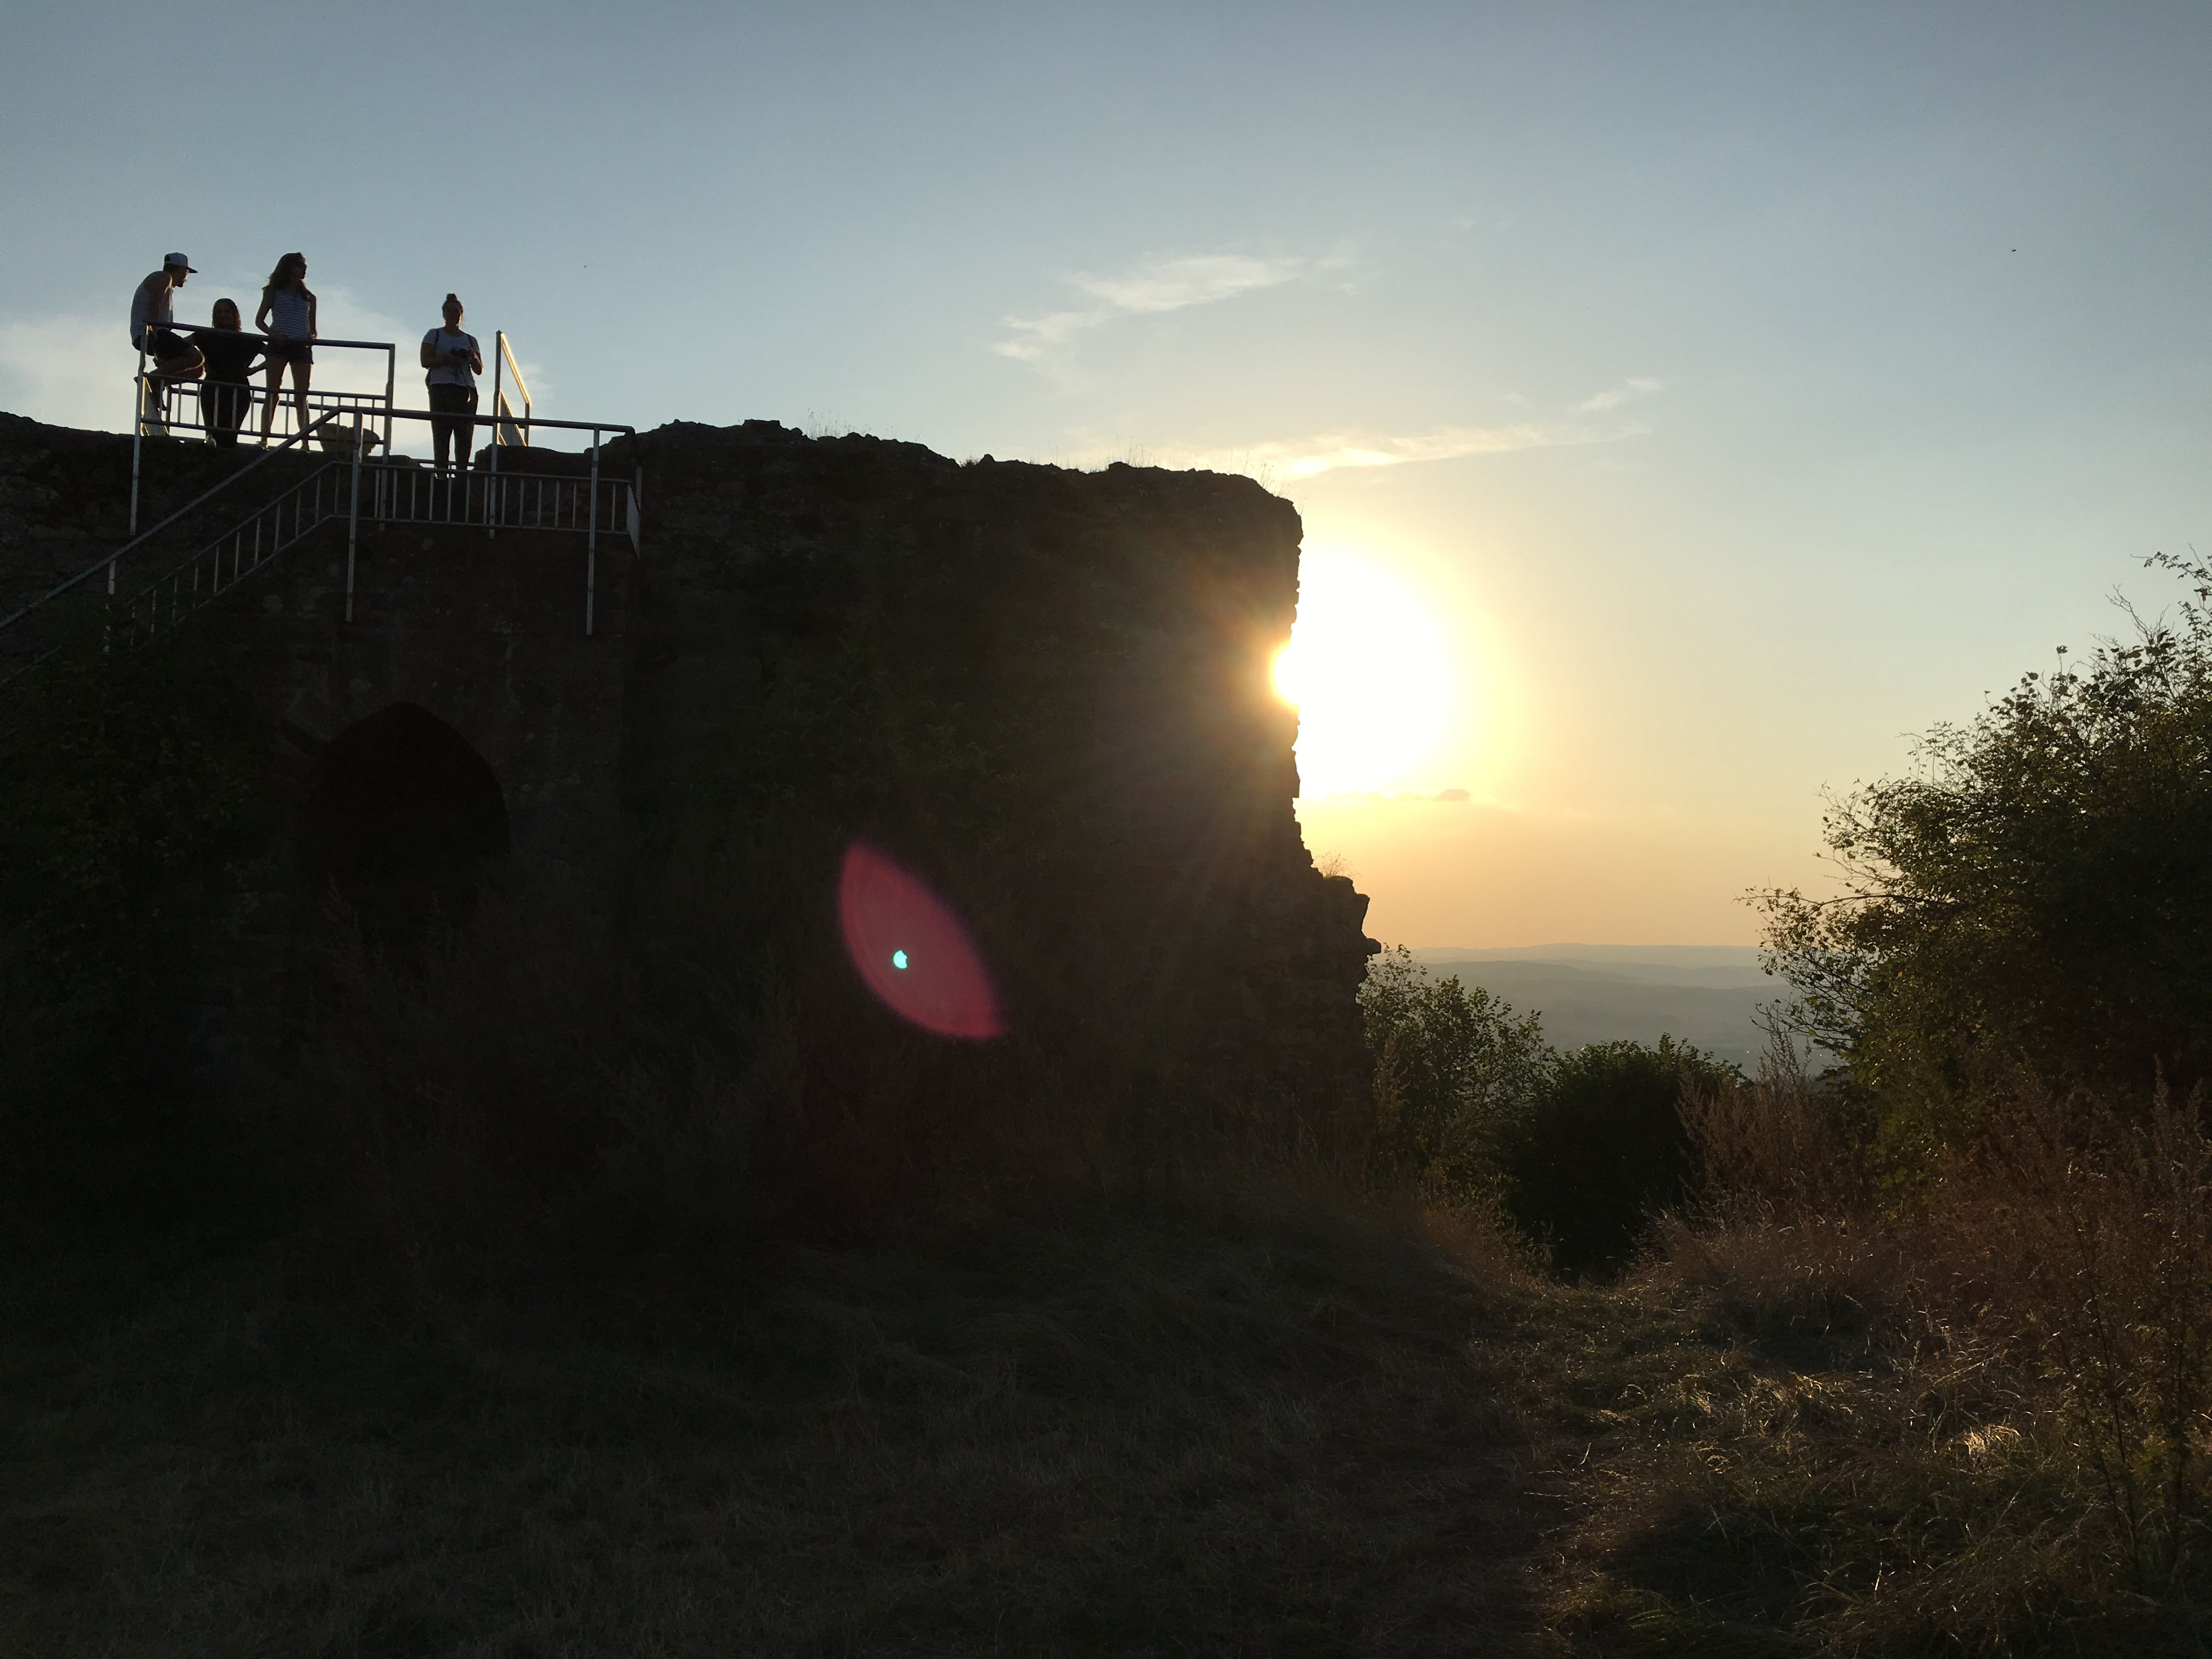 Sunset auf Burg Frauenberg in Hessen #hugenottenwaldenserpfad #culturalroutes #hessentourismus #expeditionhessen #visithessen #sunset